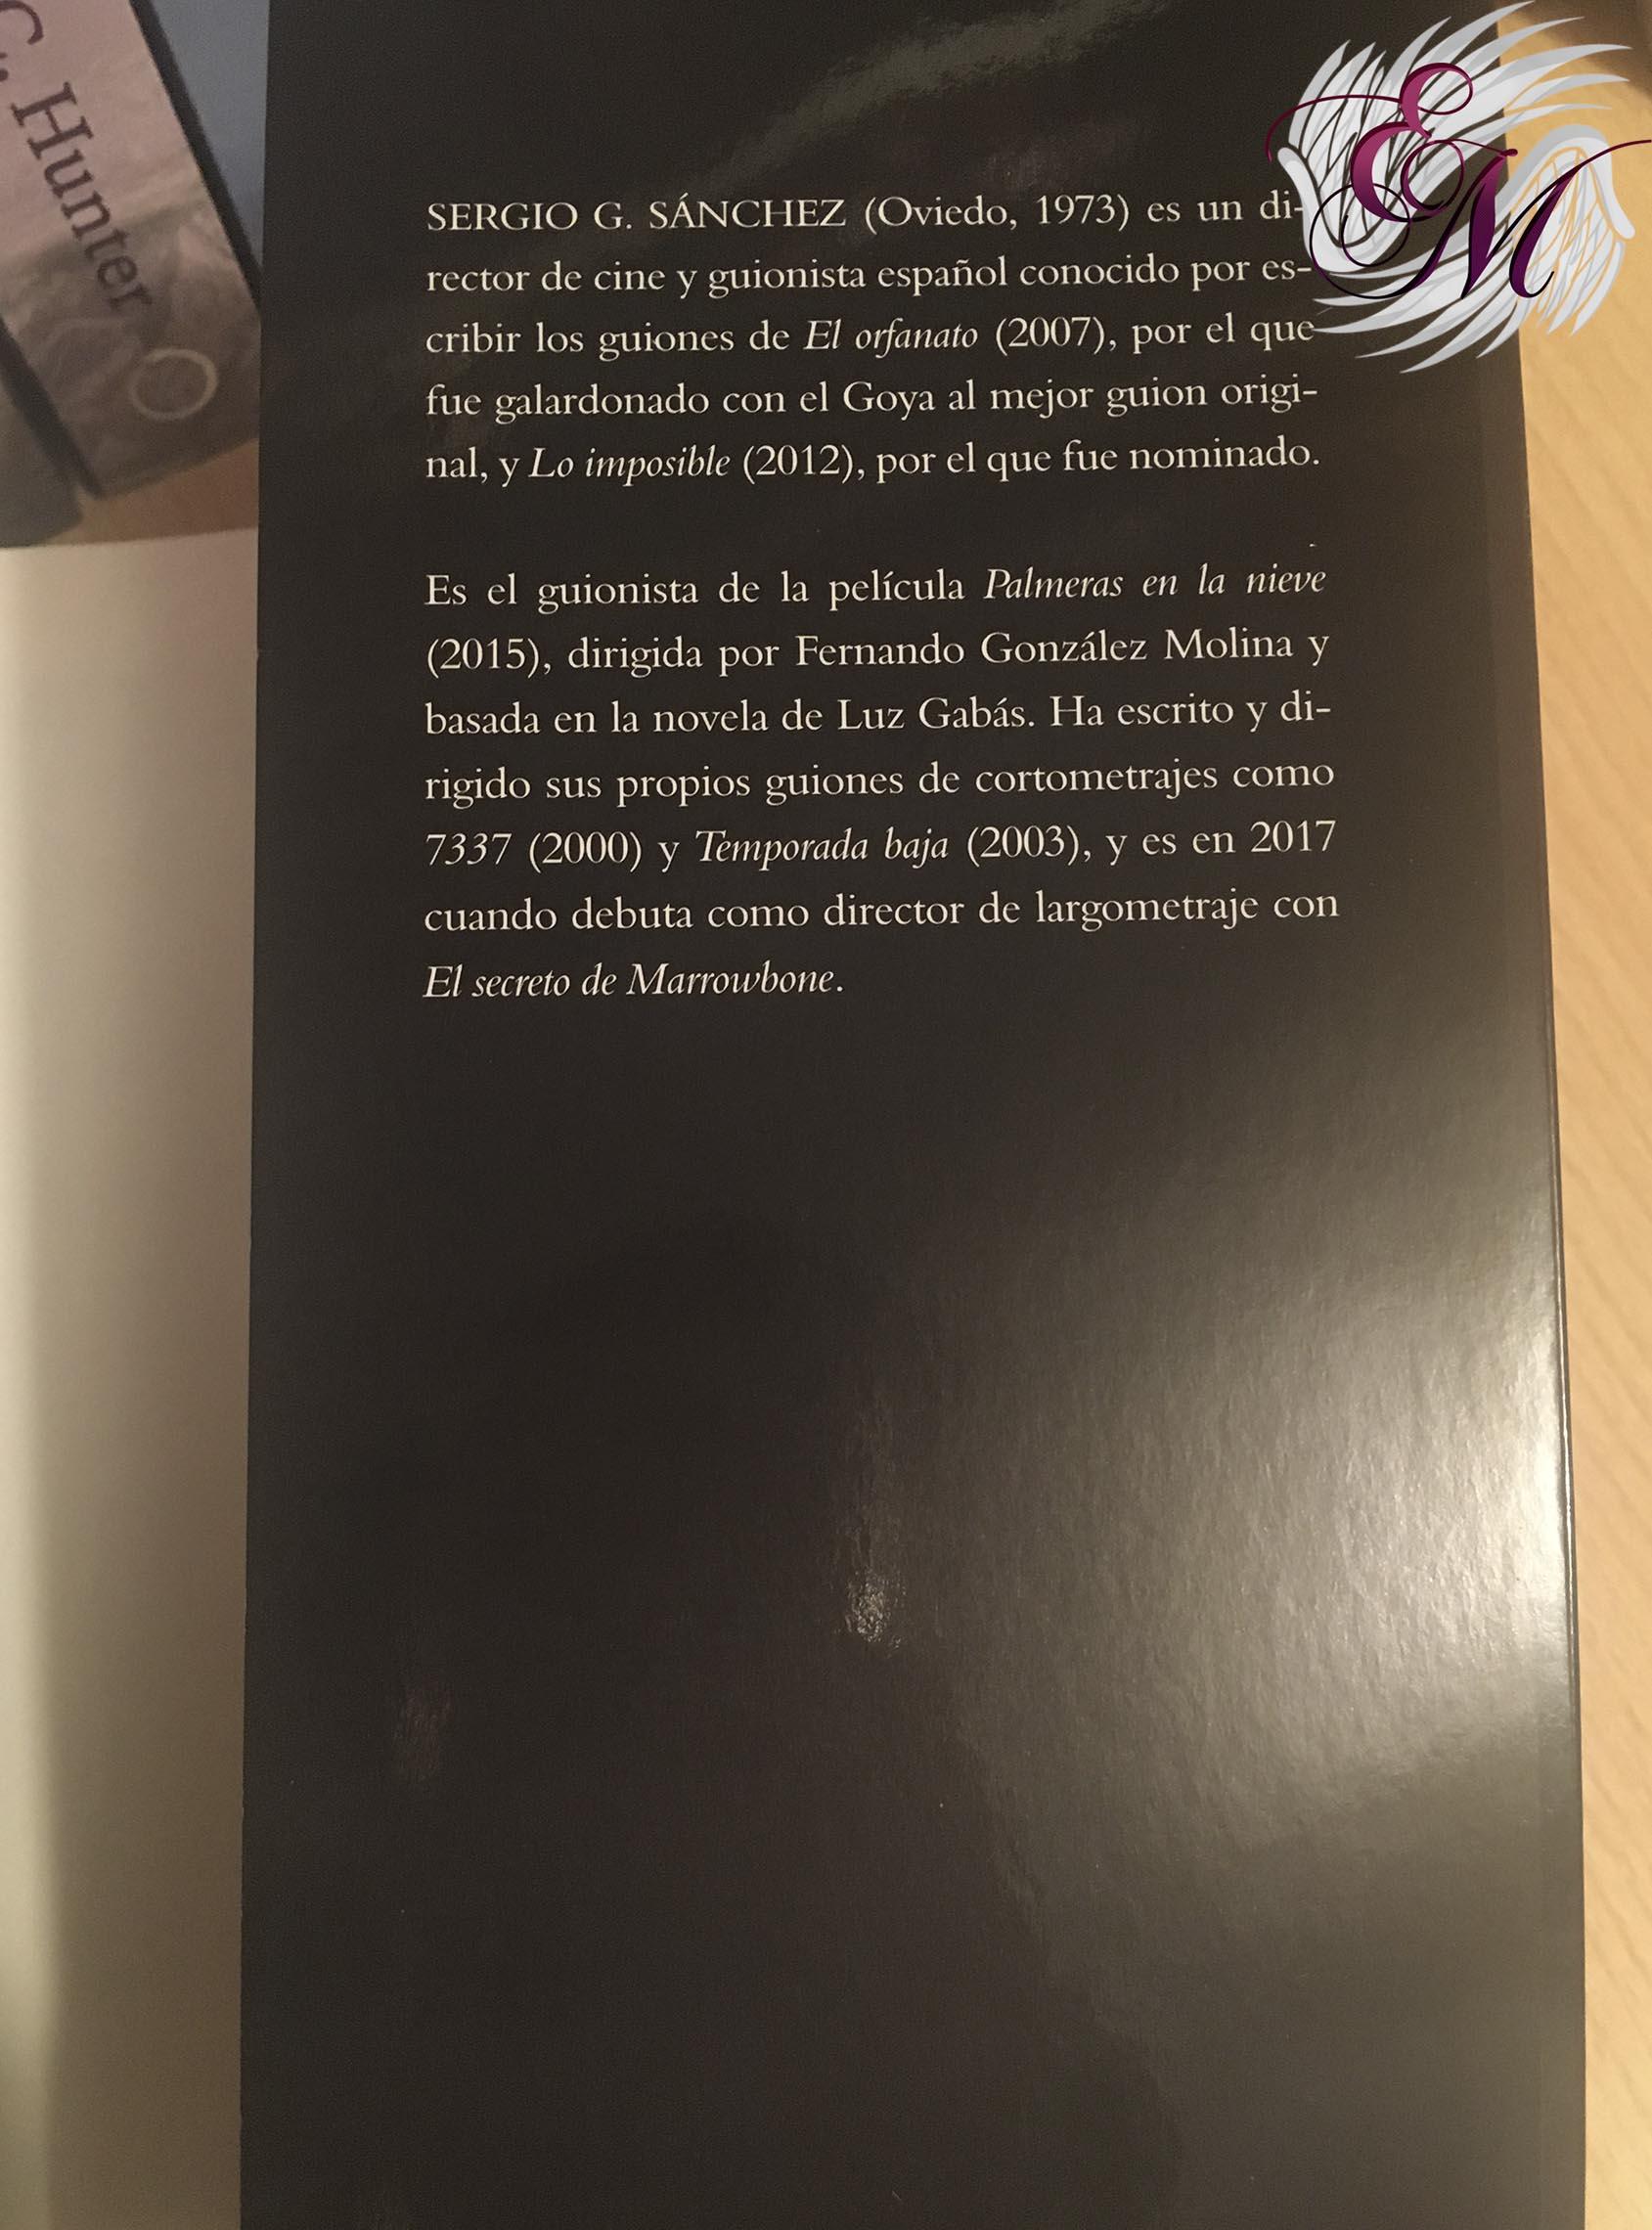 El secreto de Marrowbone, de Sergio G. Sánchez - Reseña